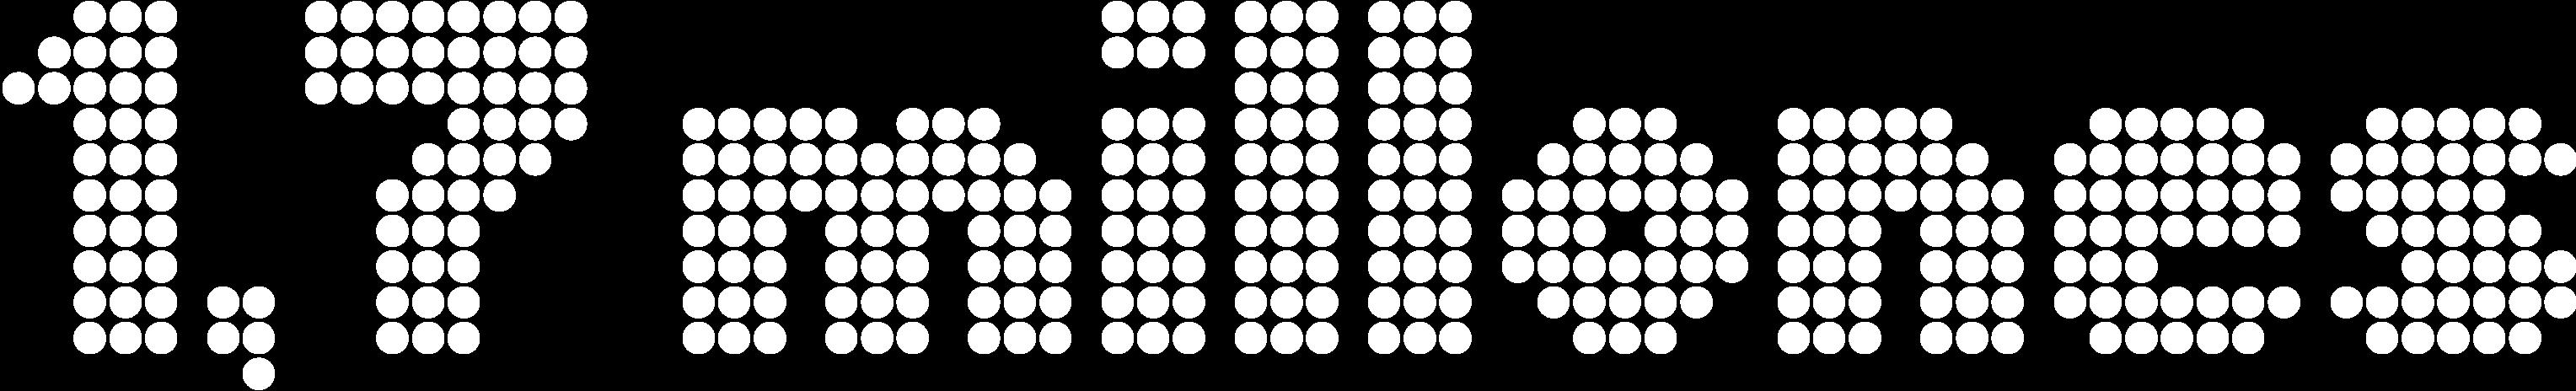 Número 10521 formado por puntos